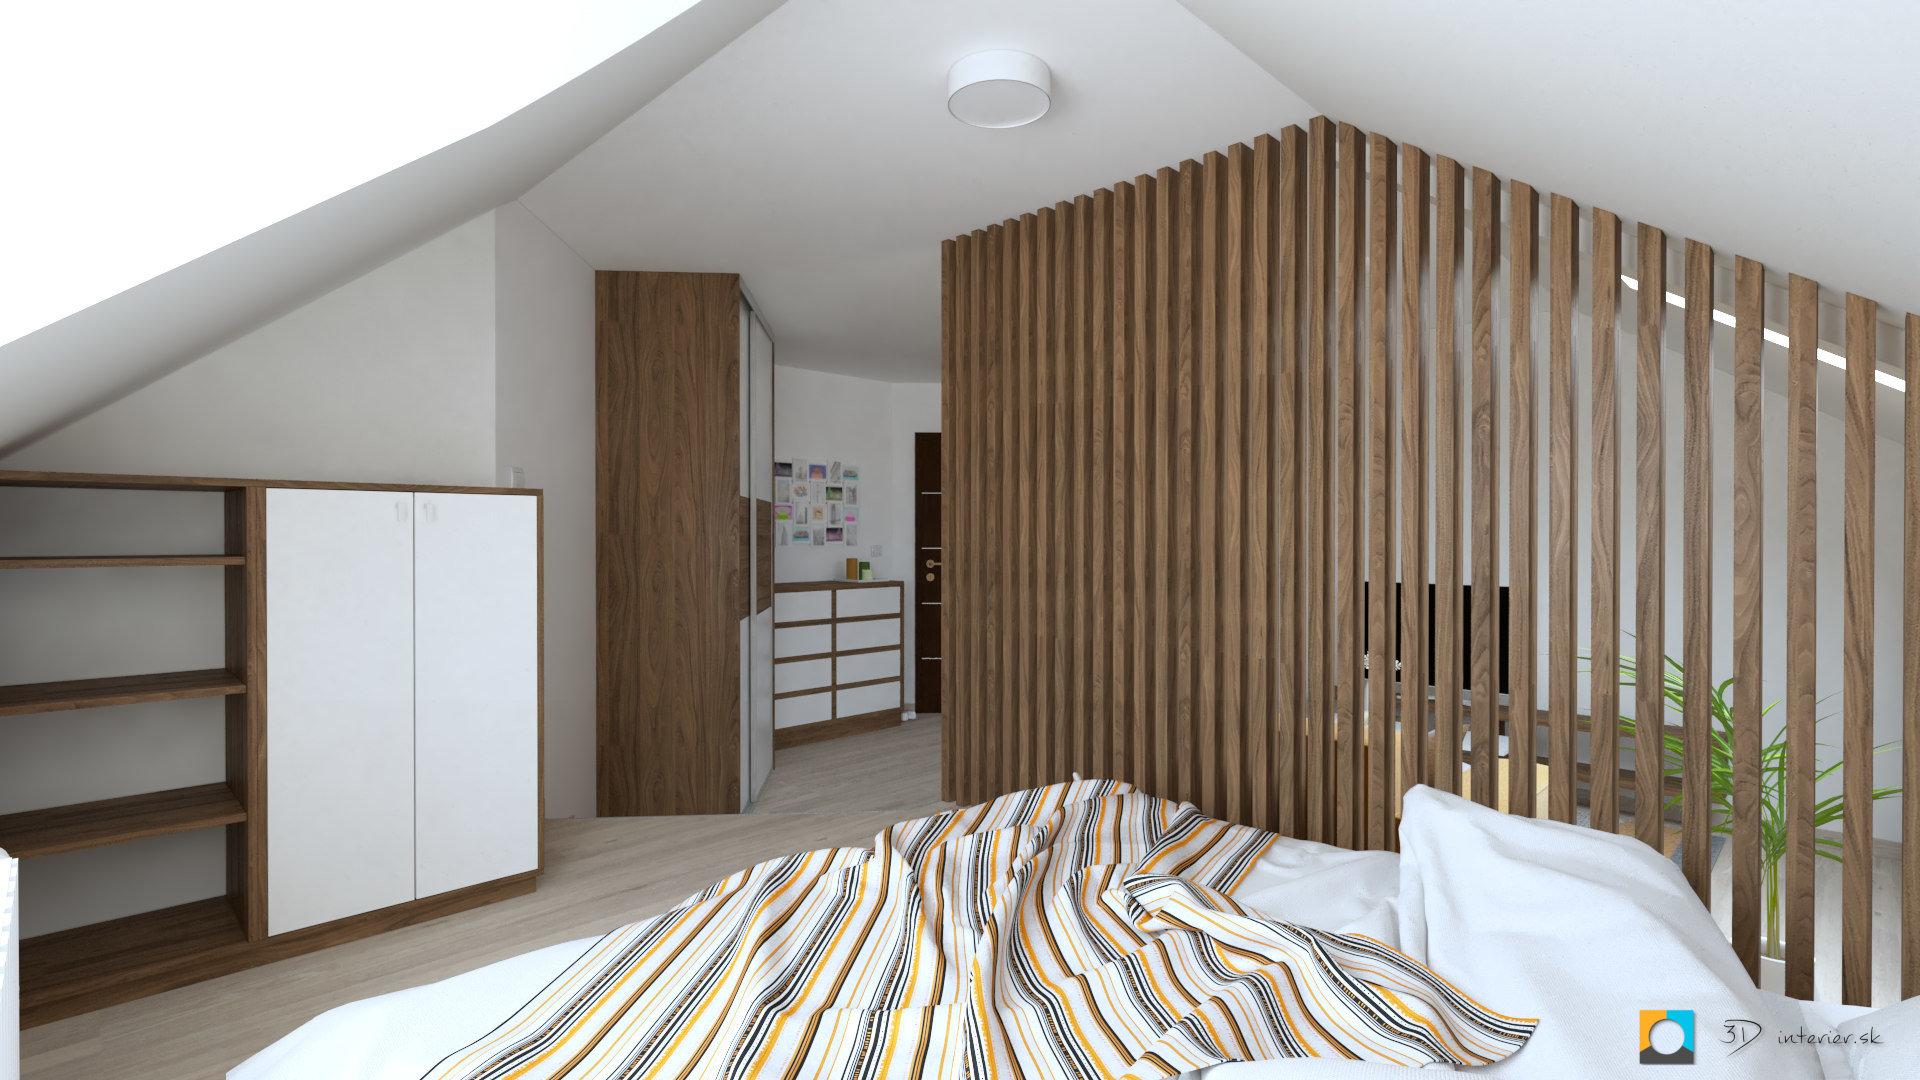 návrh interiéru izba spacia časť vyvýšesná